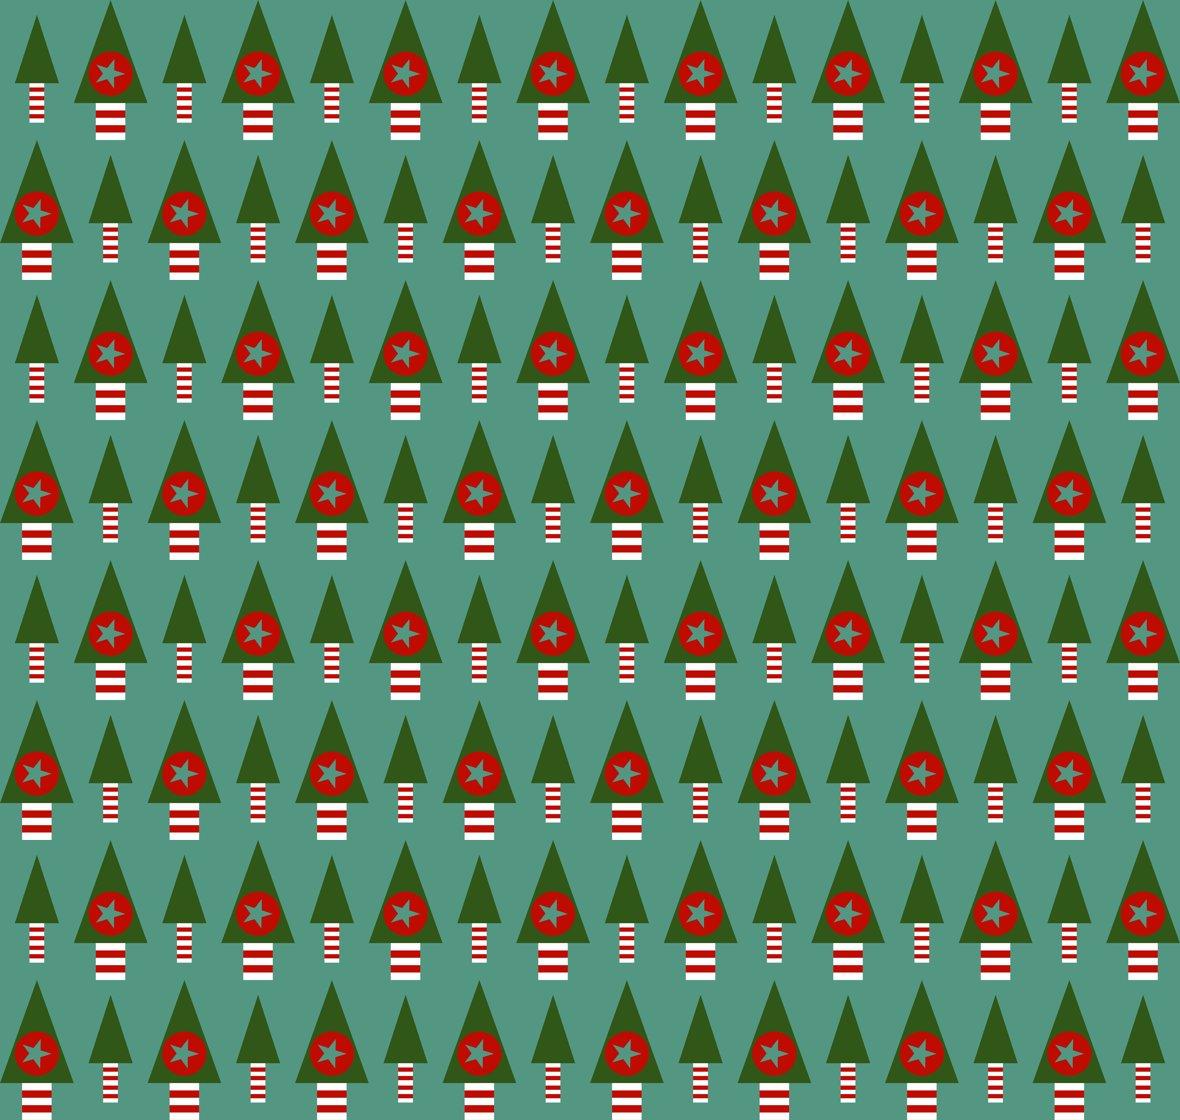 Rrretro_christmas_trees_shop_preview